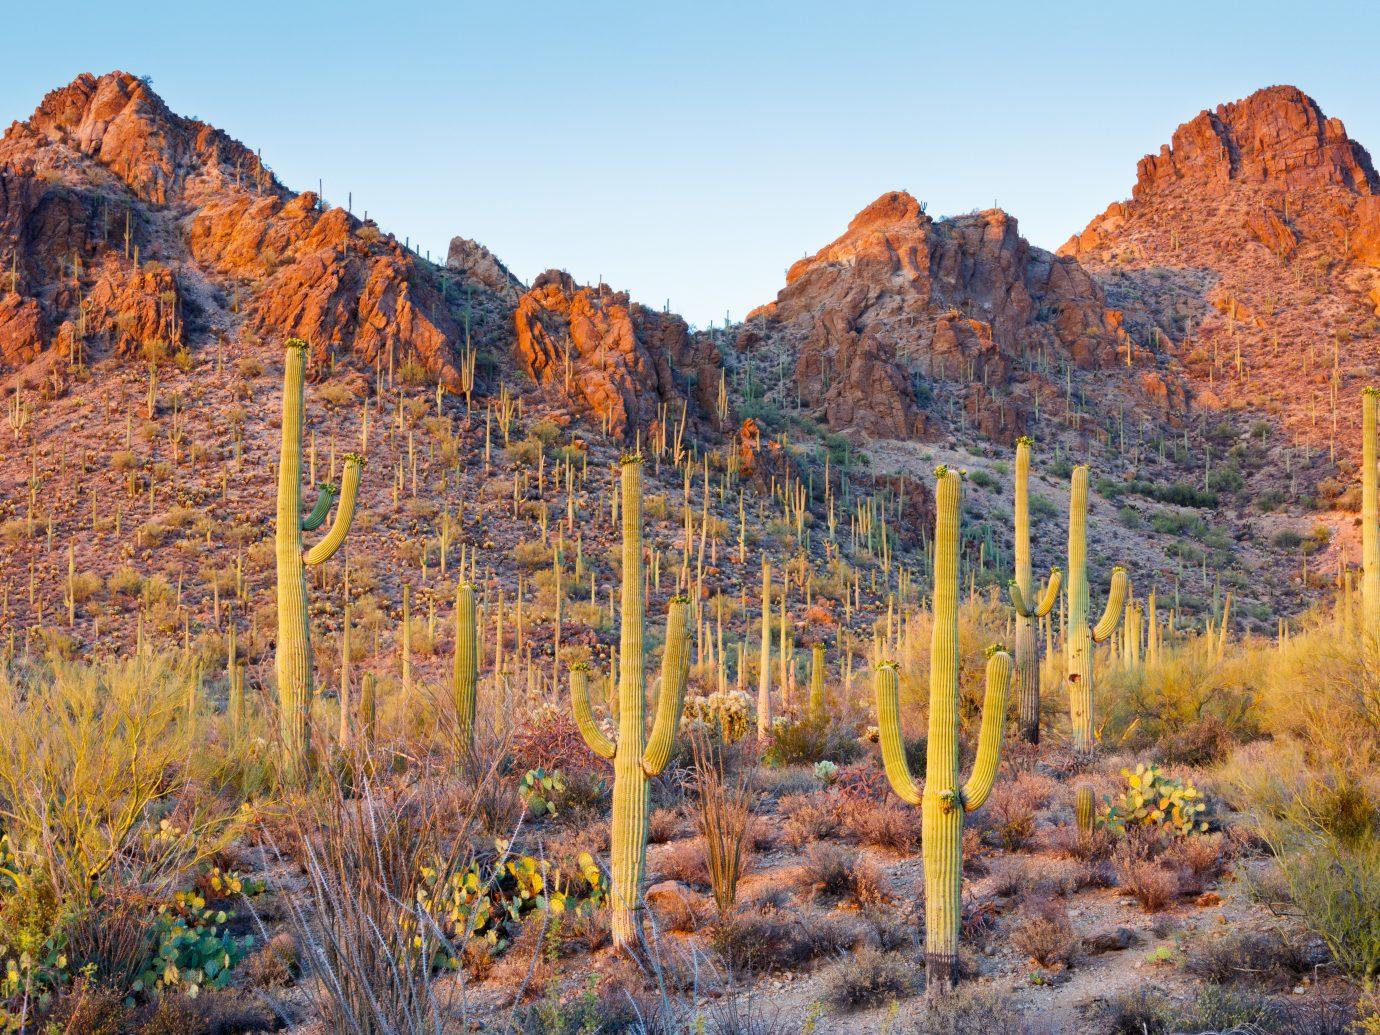 Saguaro Cactus in the Sonoran Desert